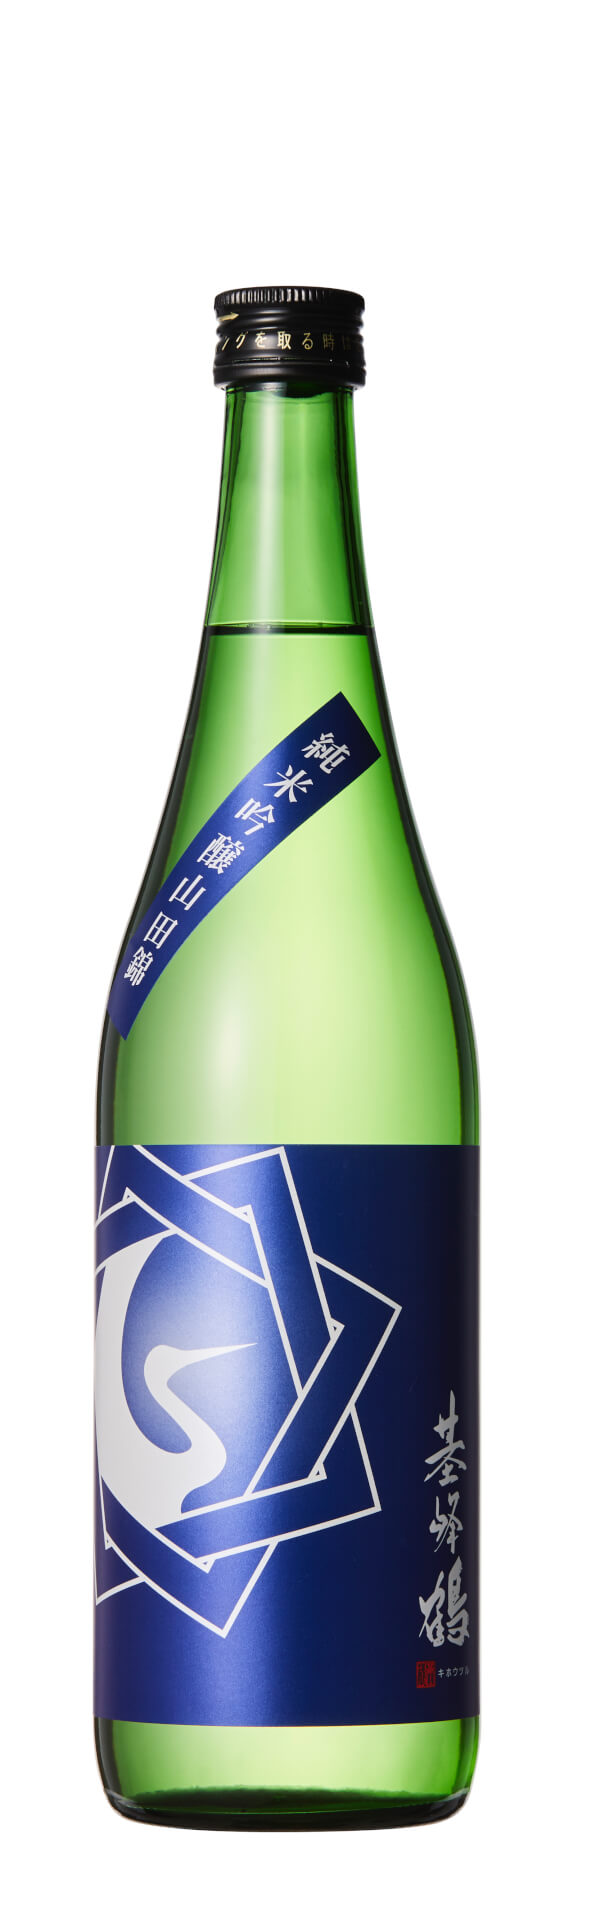 佐賀県×atmosのコラボコレクション『SAGA SAKE COLLECTION』が販売決定!オリジナルグッズや限定ラベルの日本酒なども culture2020917-atoms4